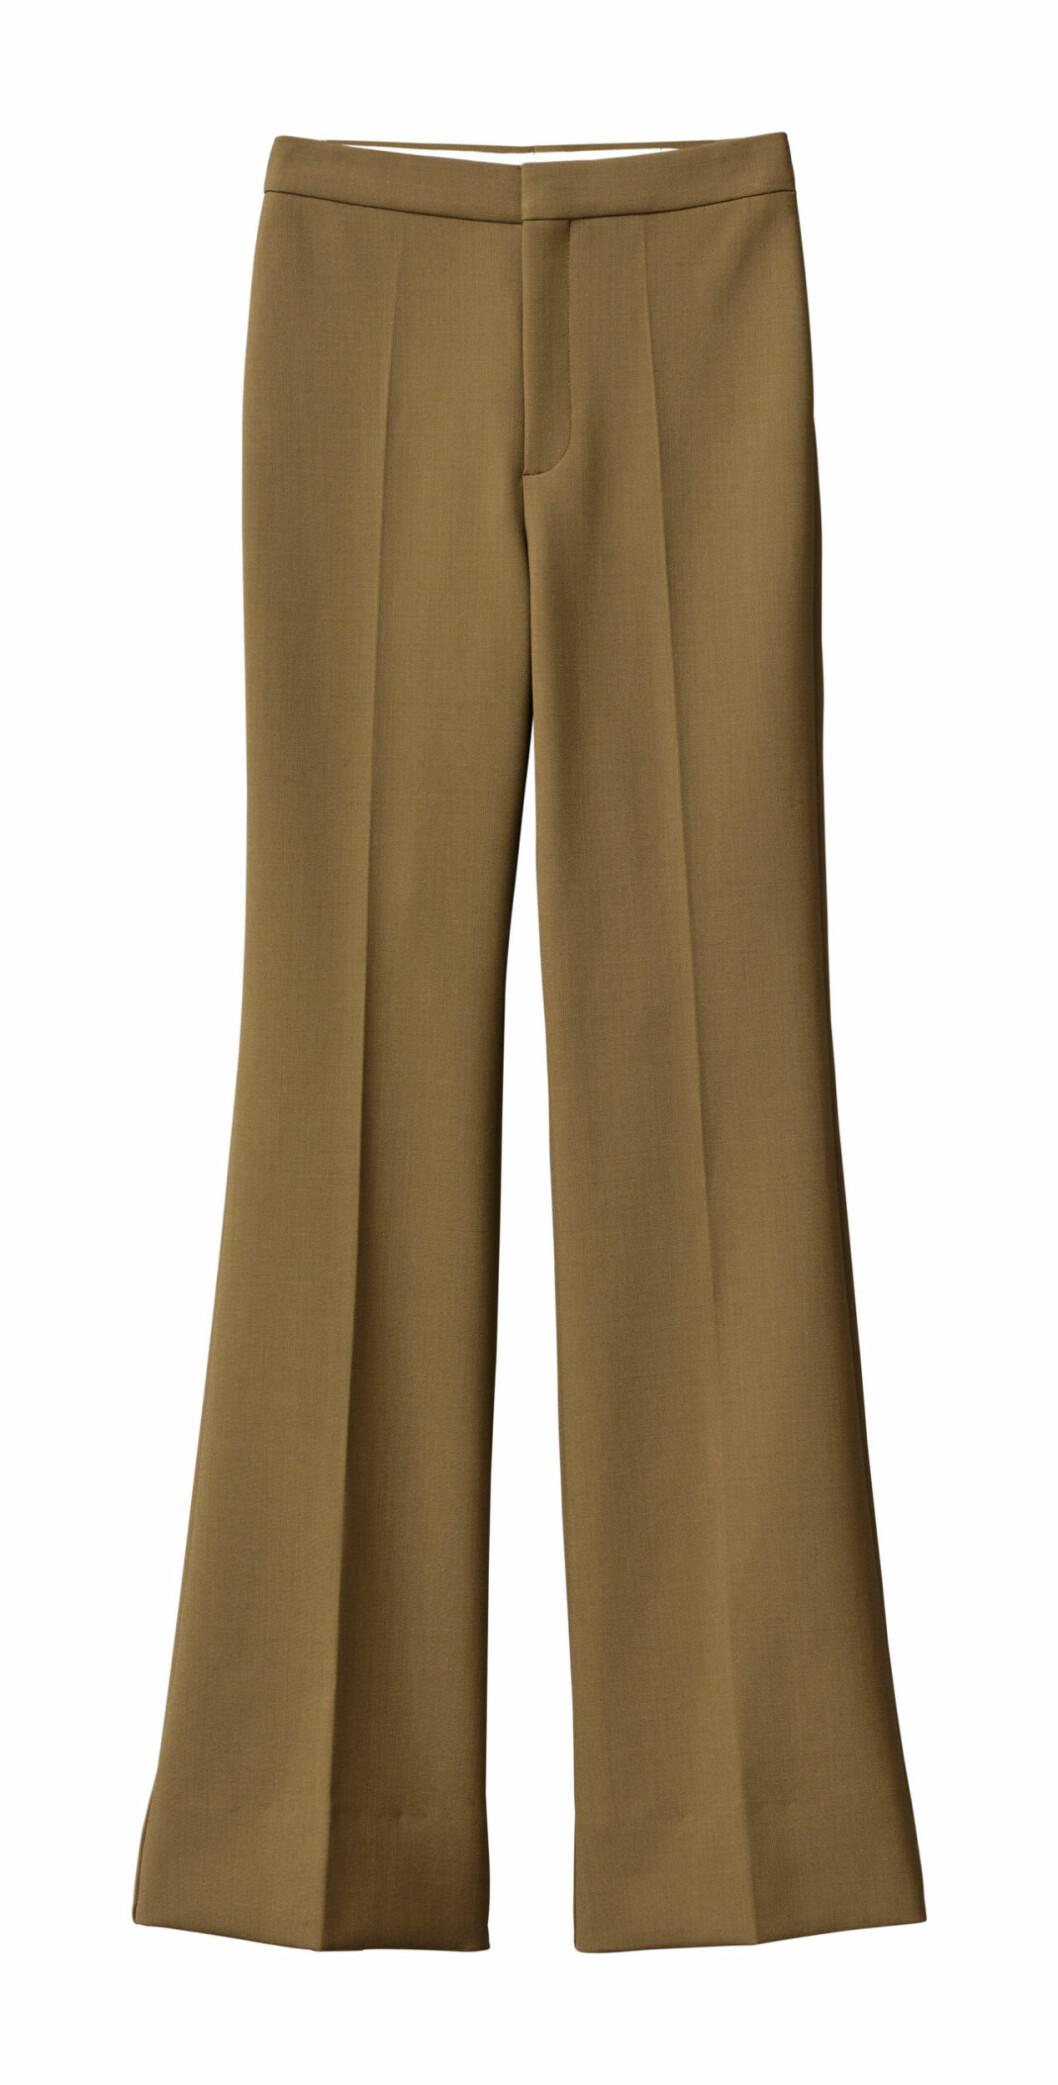 H&M Studio höstkollektion aw 2019 – bruna kostymbyxor